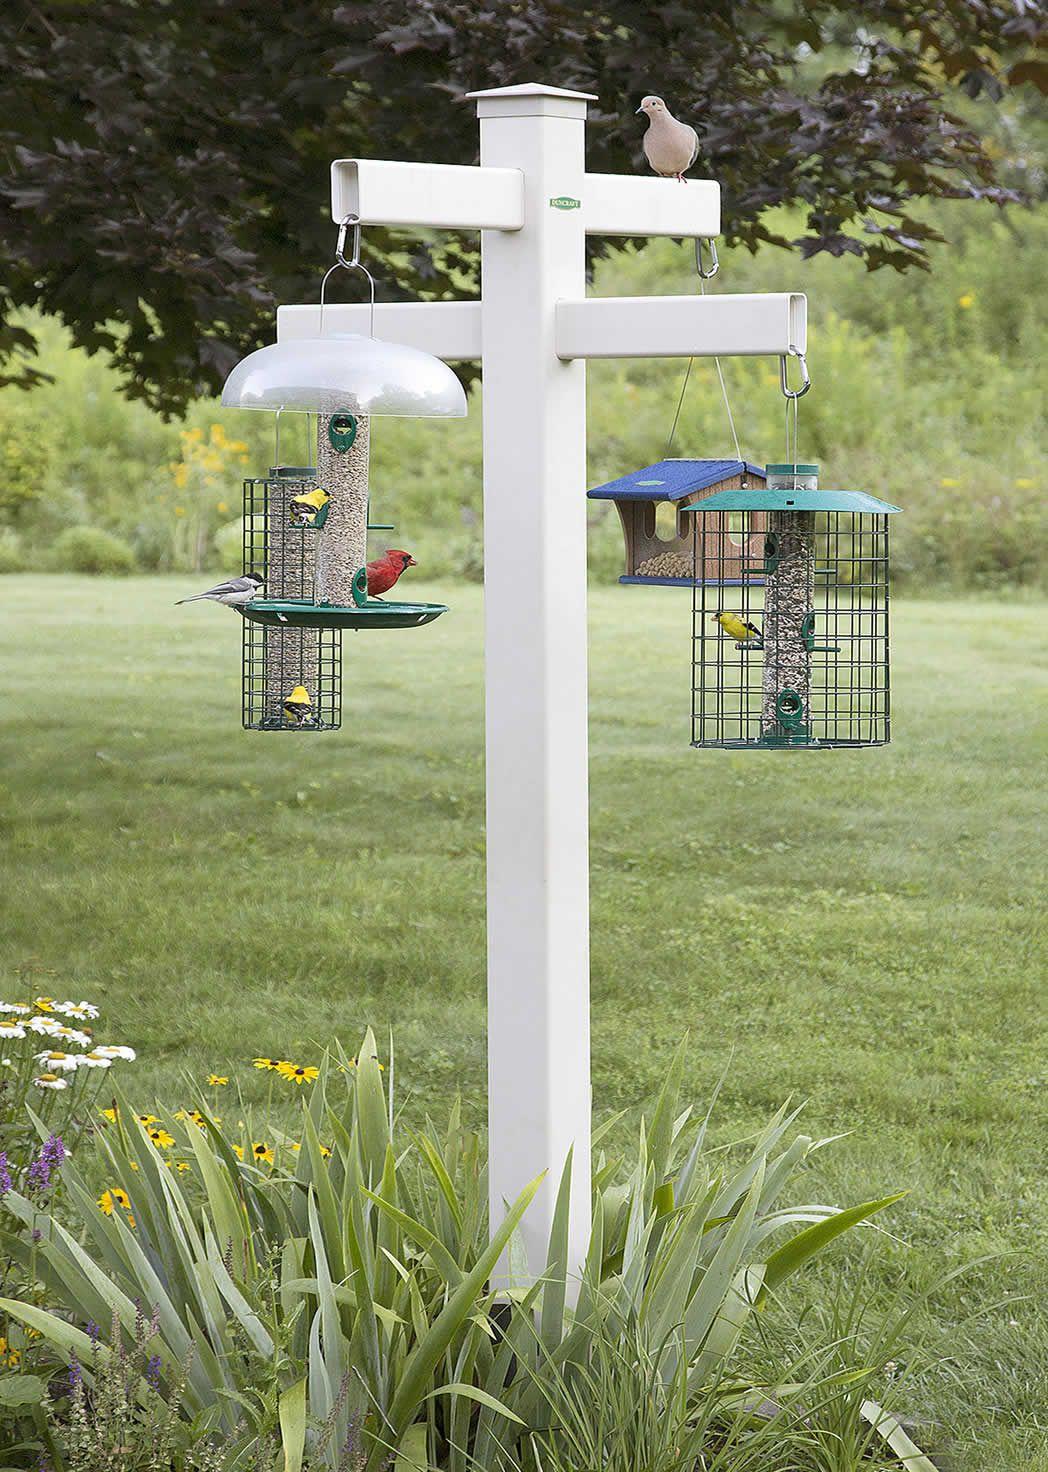 dp uk fort bird duty gardman proof amazon squirrel seed co heavy wild feeder pole steel outdoors garden